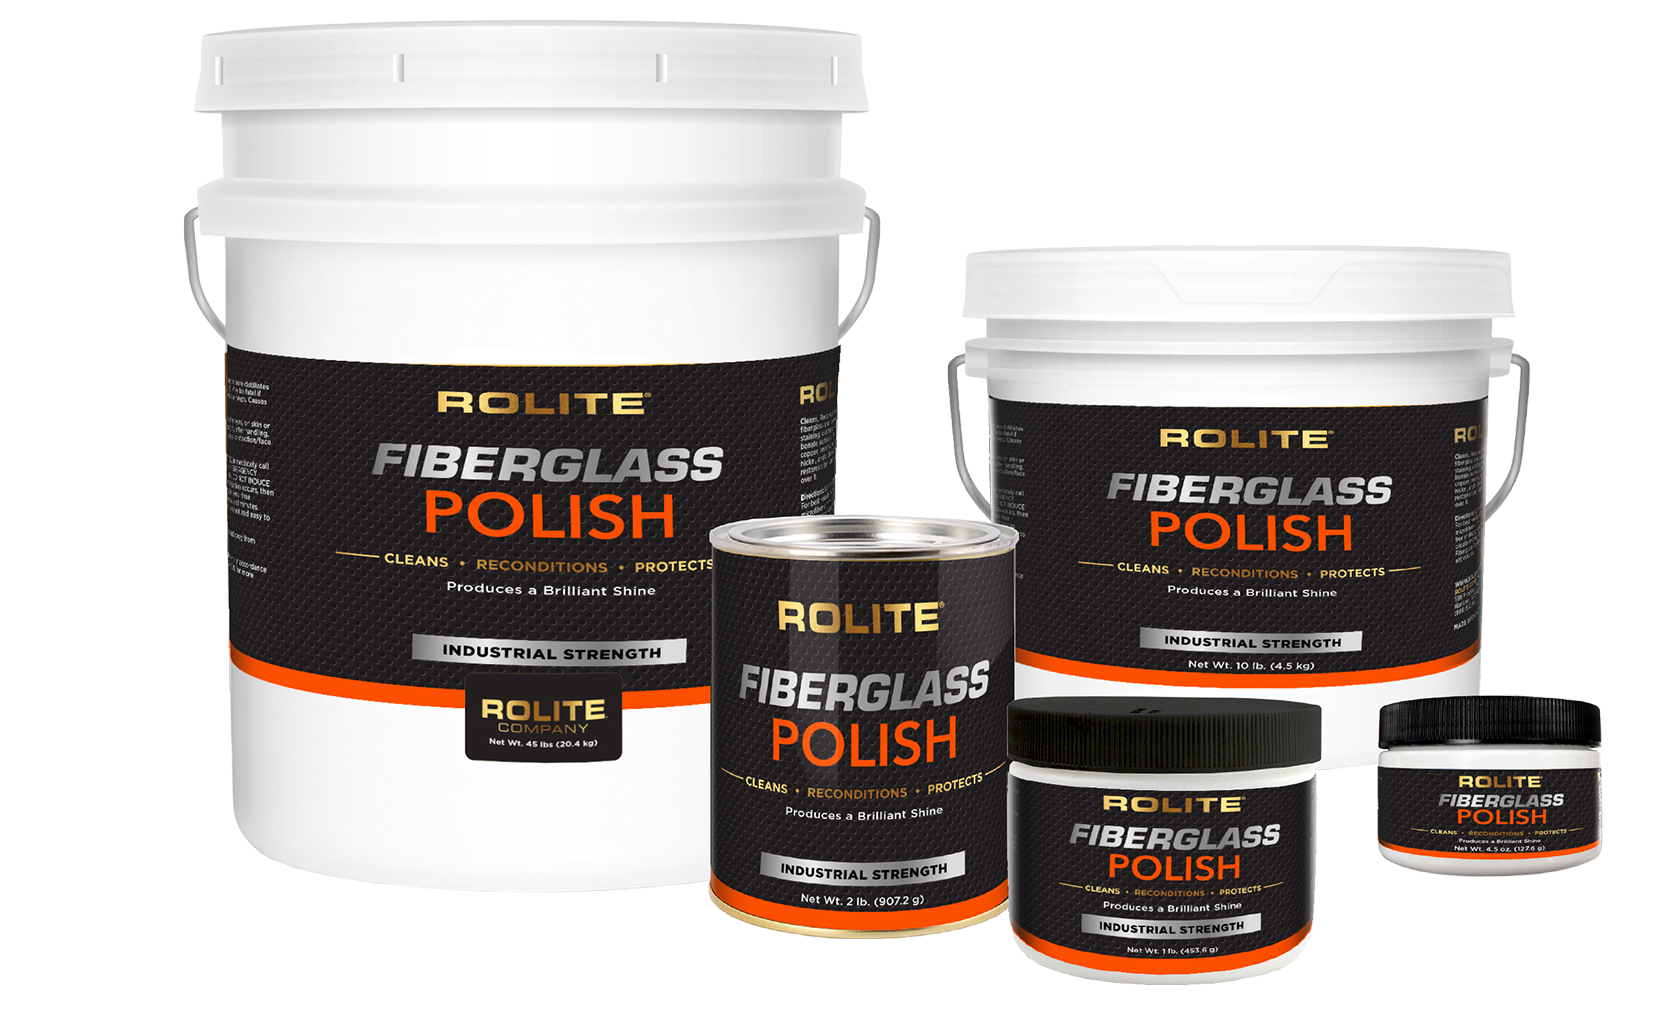 Rolite Fiberglass Polish